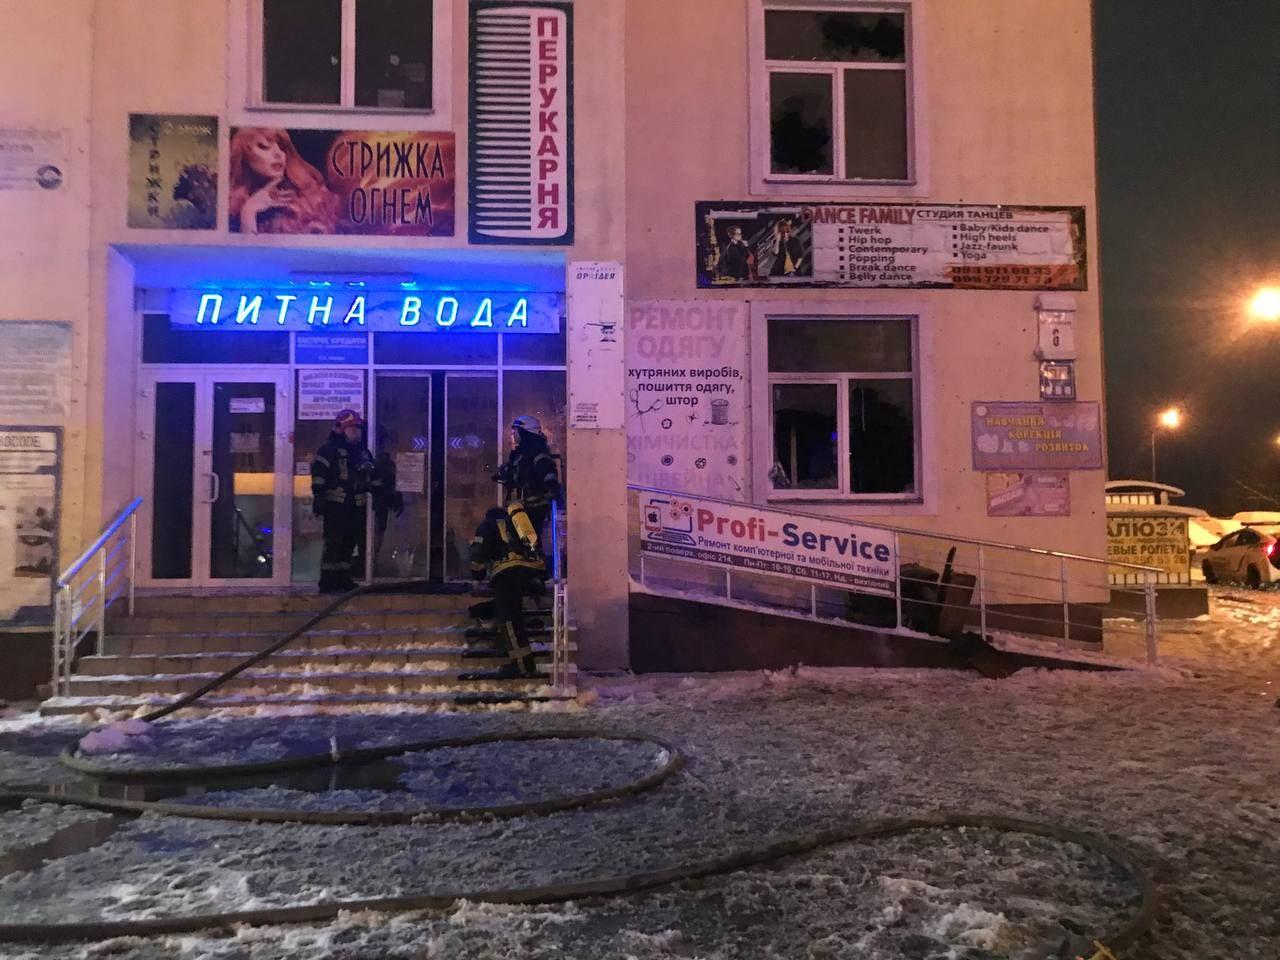 Київ минулої доби: крадіжки, пожежі та ДТП - Торговий центр, крадіжки, загиблі - index